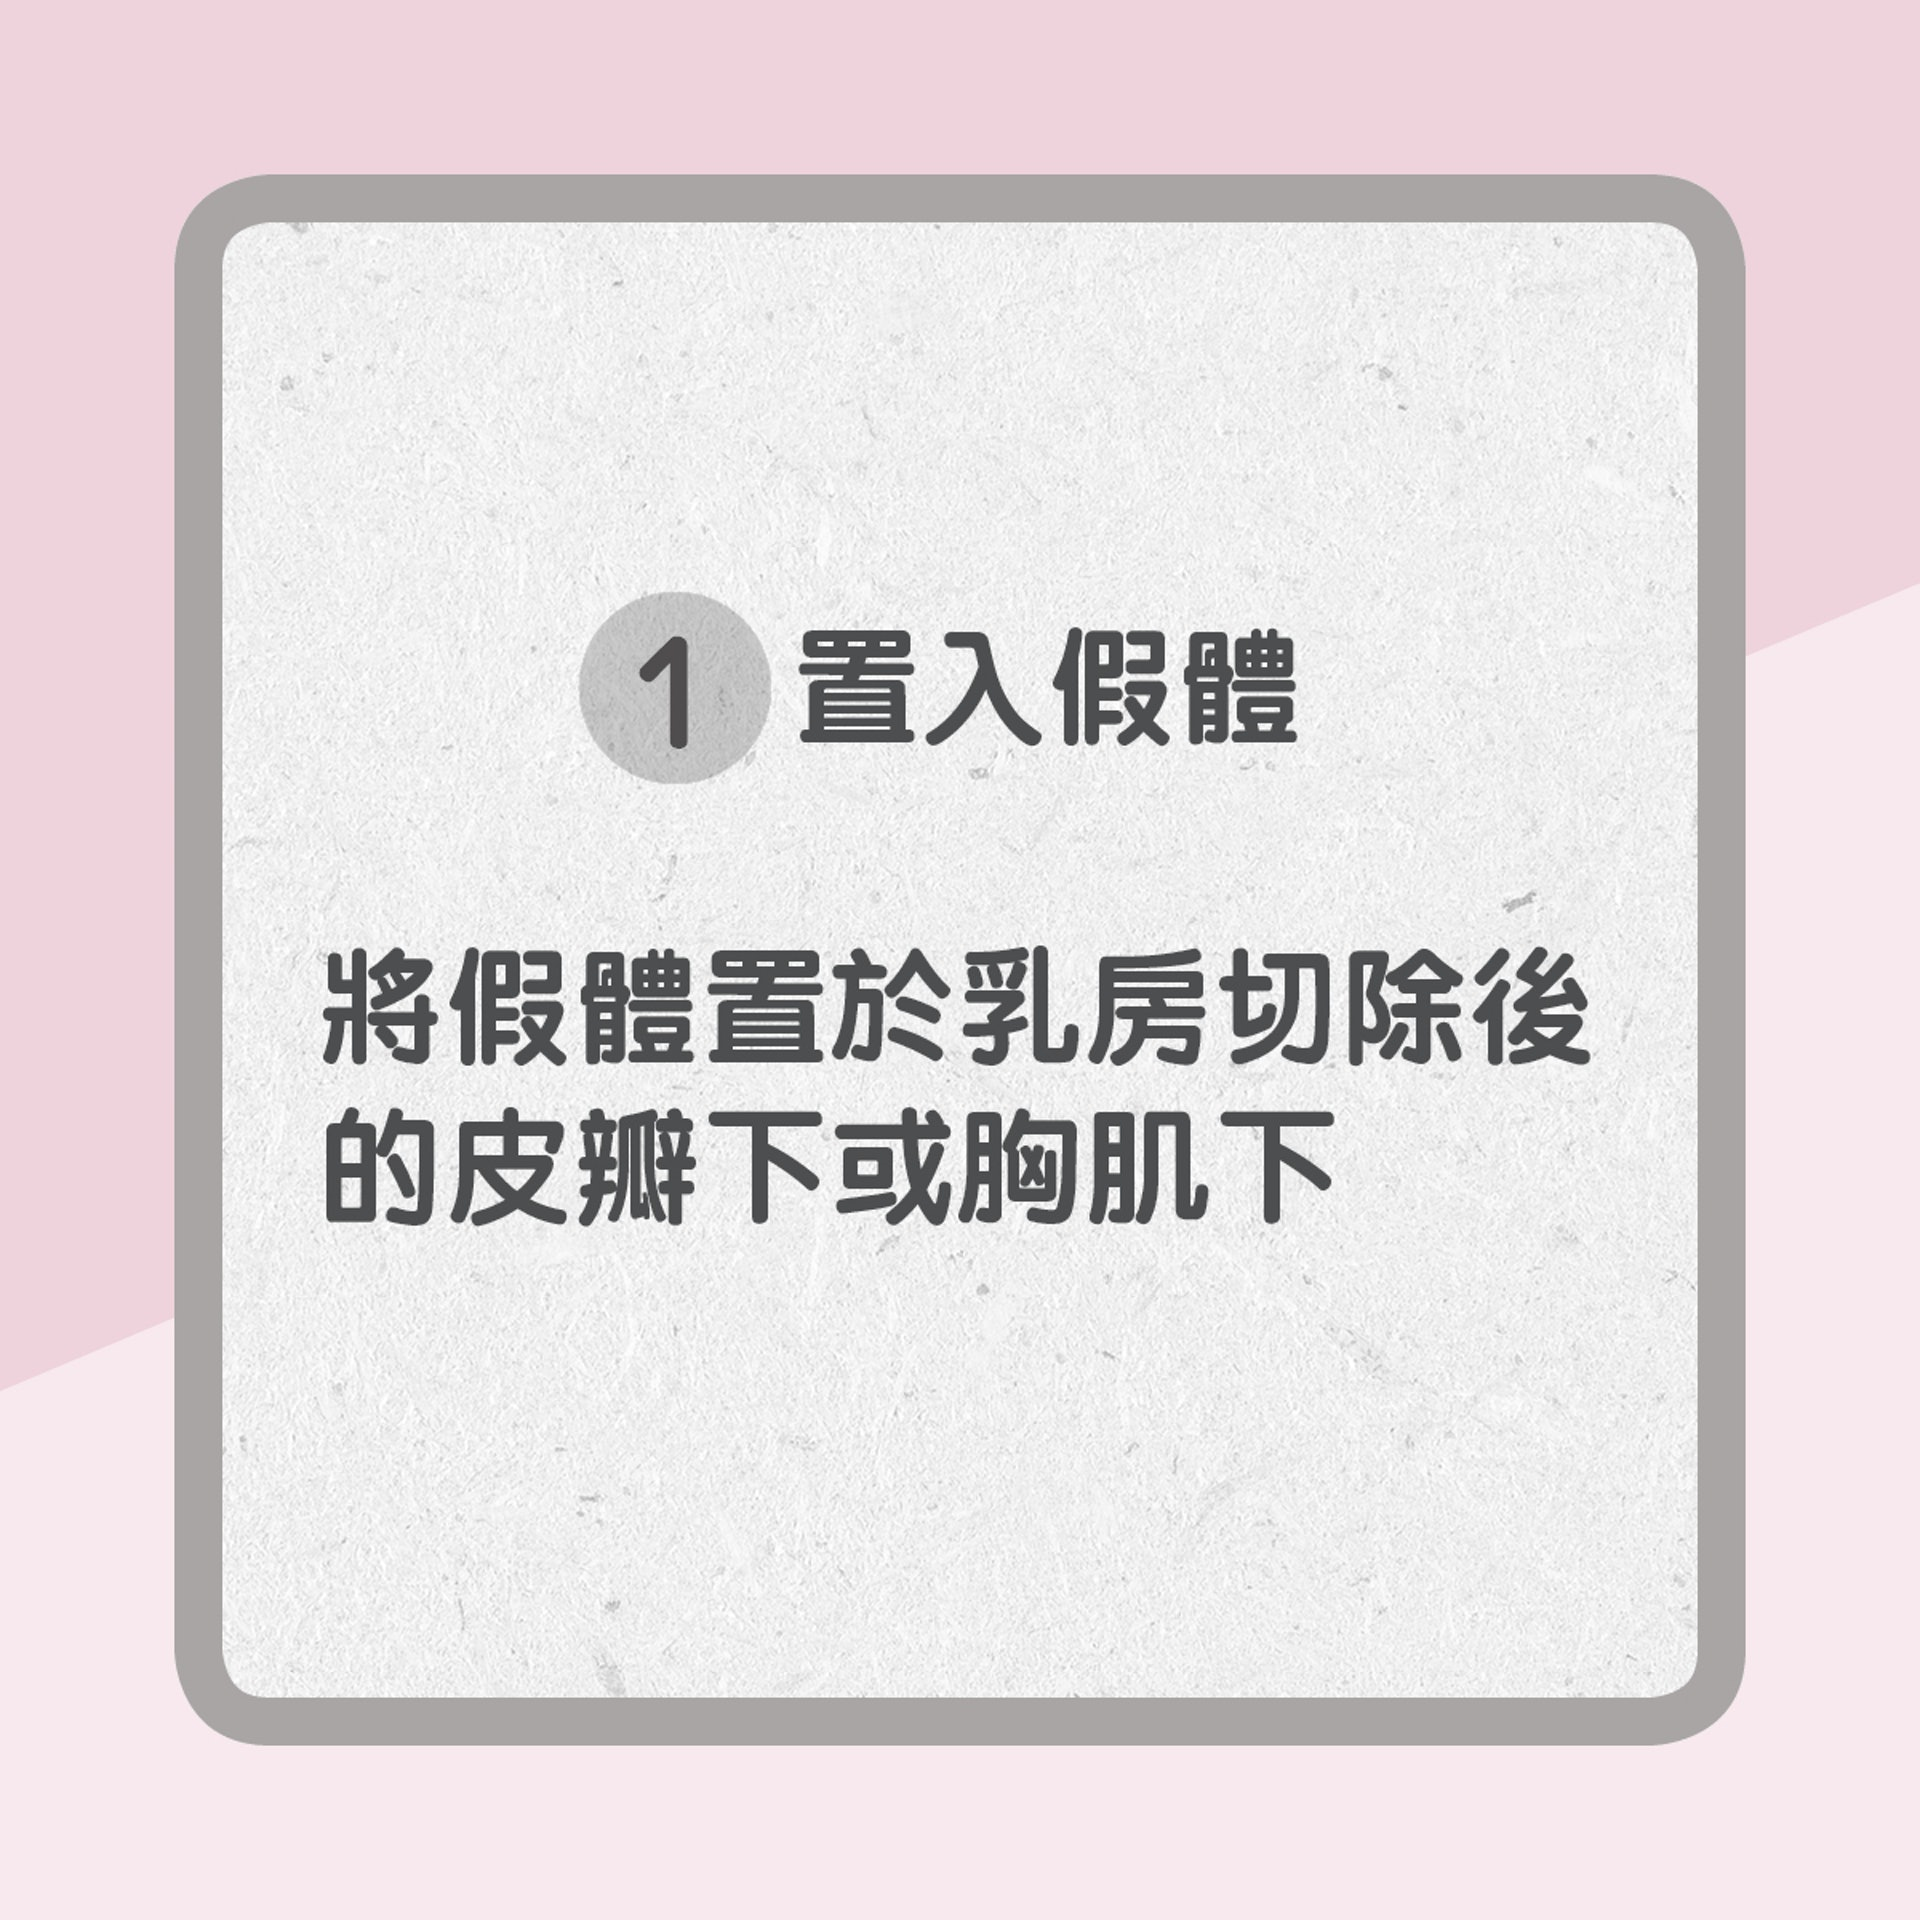 1. 置入假體(01製圖)